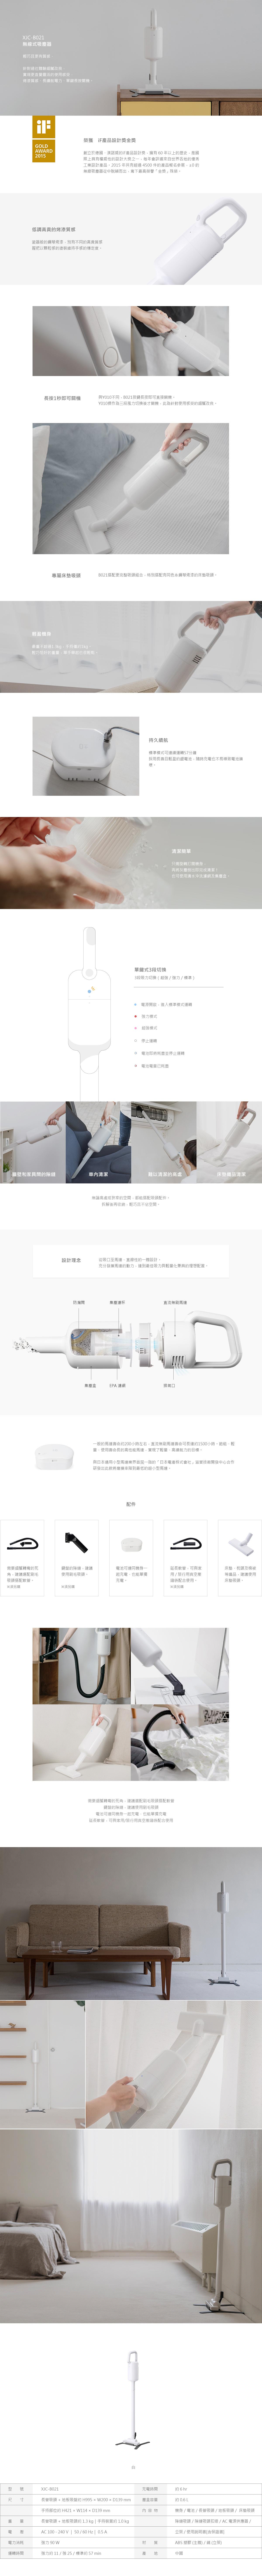 無線吸塵器(送電暖器)